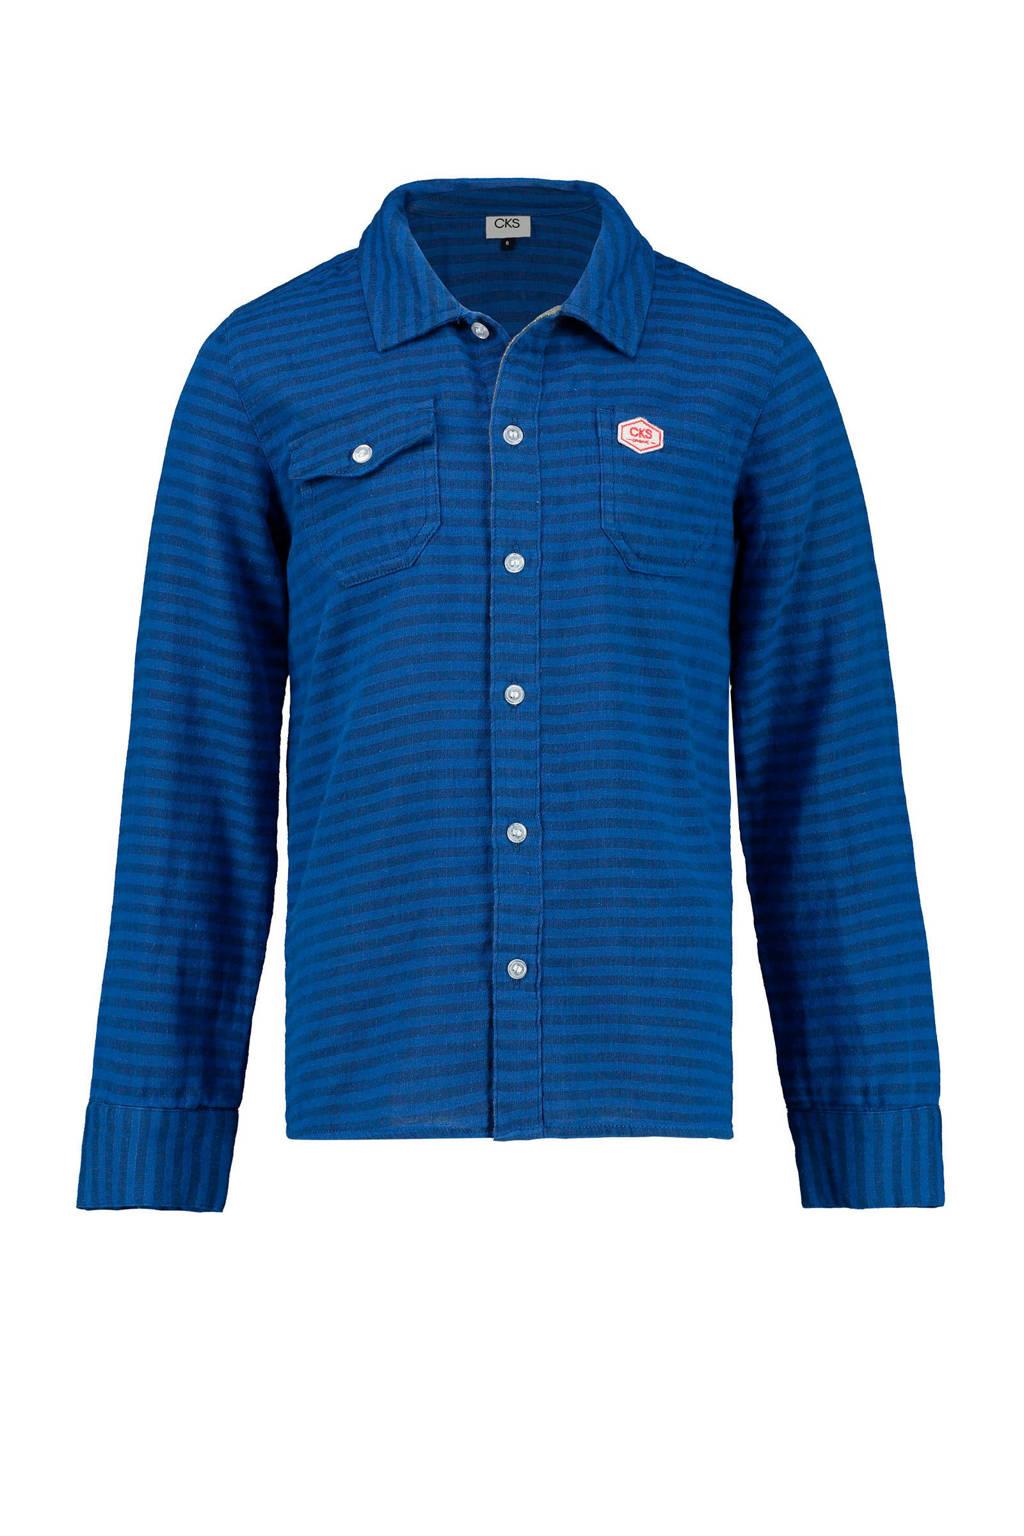 CKS KIDS gestreept overhemd Brandrew kobaltblauw, Kobaltblauw